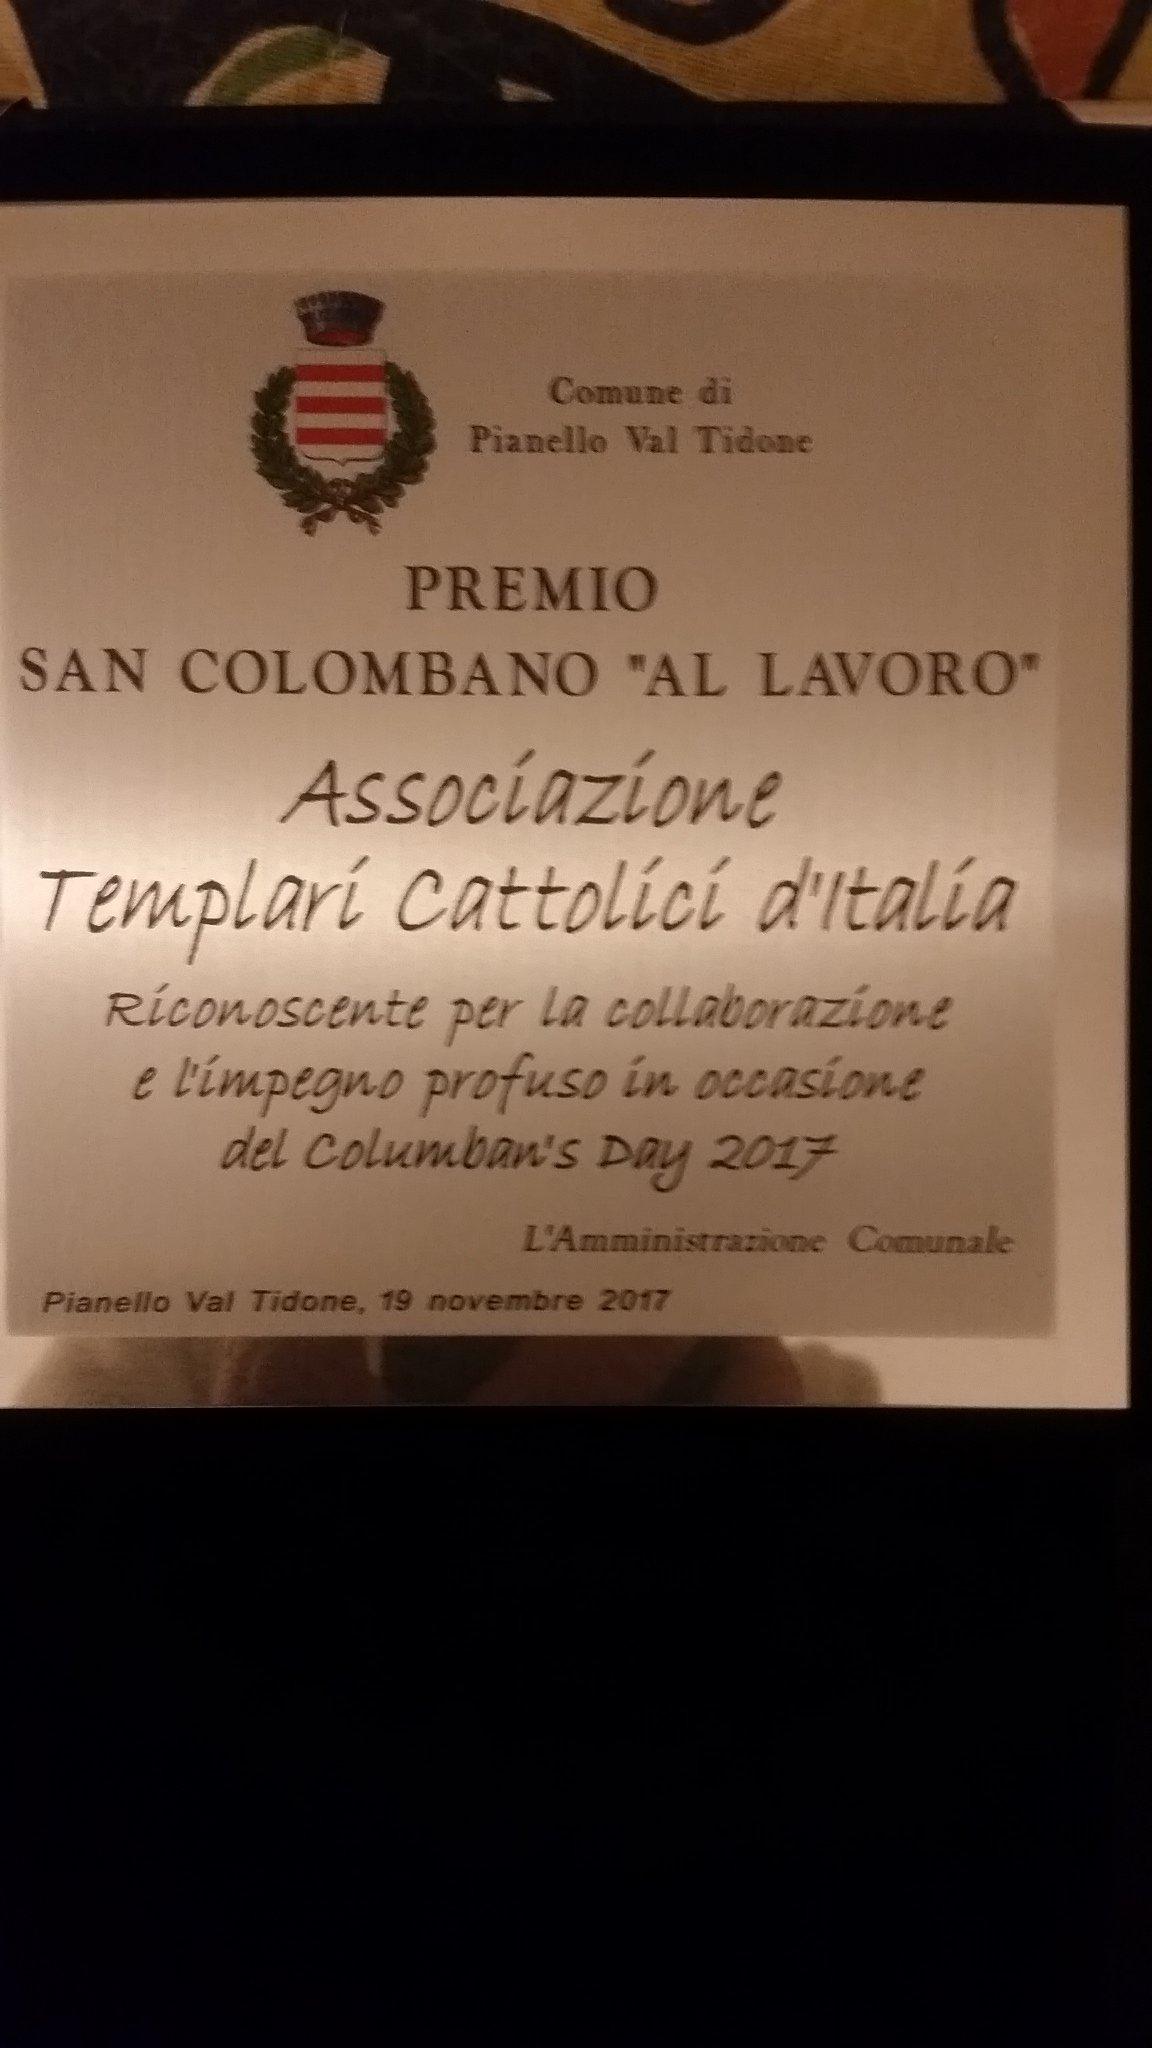 I Templari Cattolici d'Italia ricevono il premio San Columbano per l'impegno profuso durante il Columban's Day.